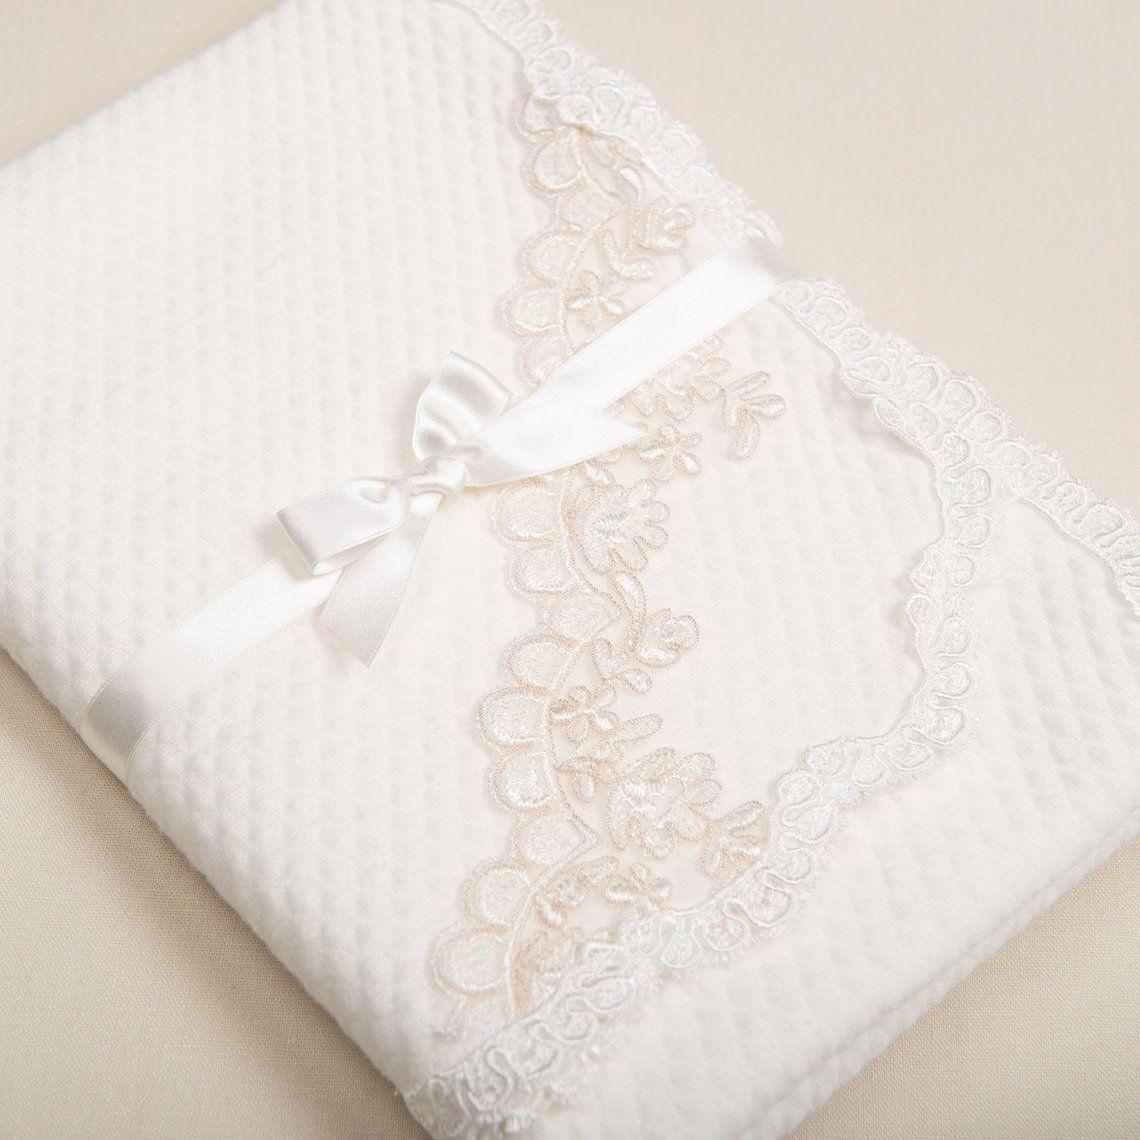 Christening Blanket Penelope Baptism Blanket Etsy Lace Baby Blanket Baby Girl Blankets Christening Blanket